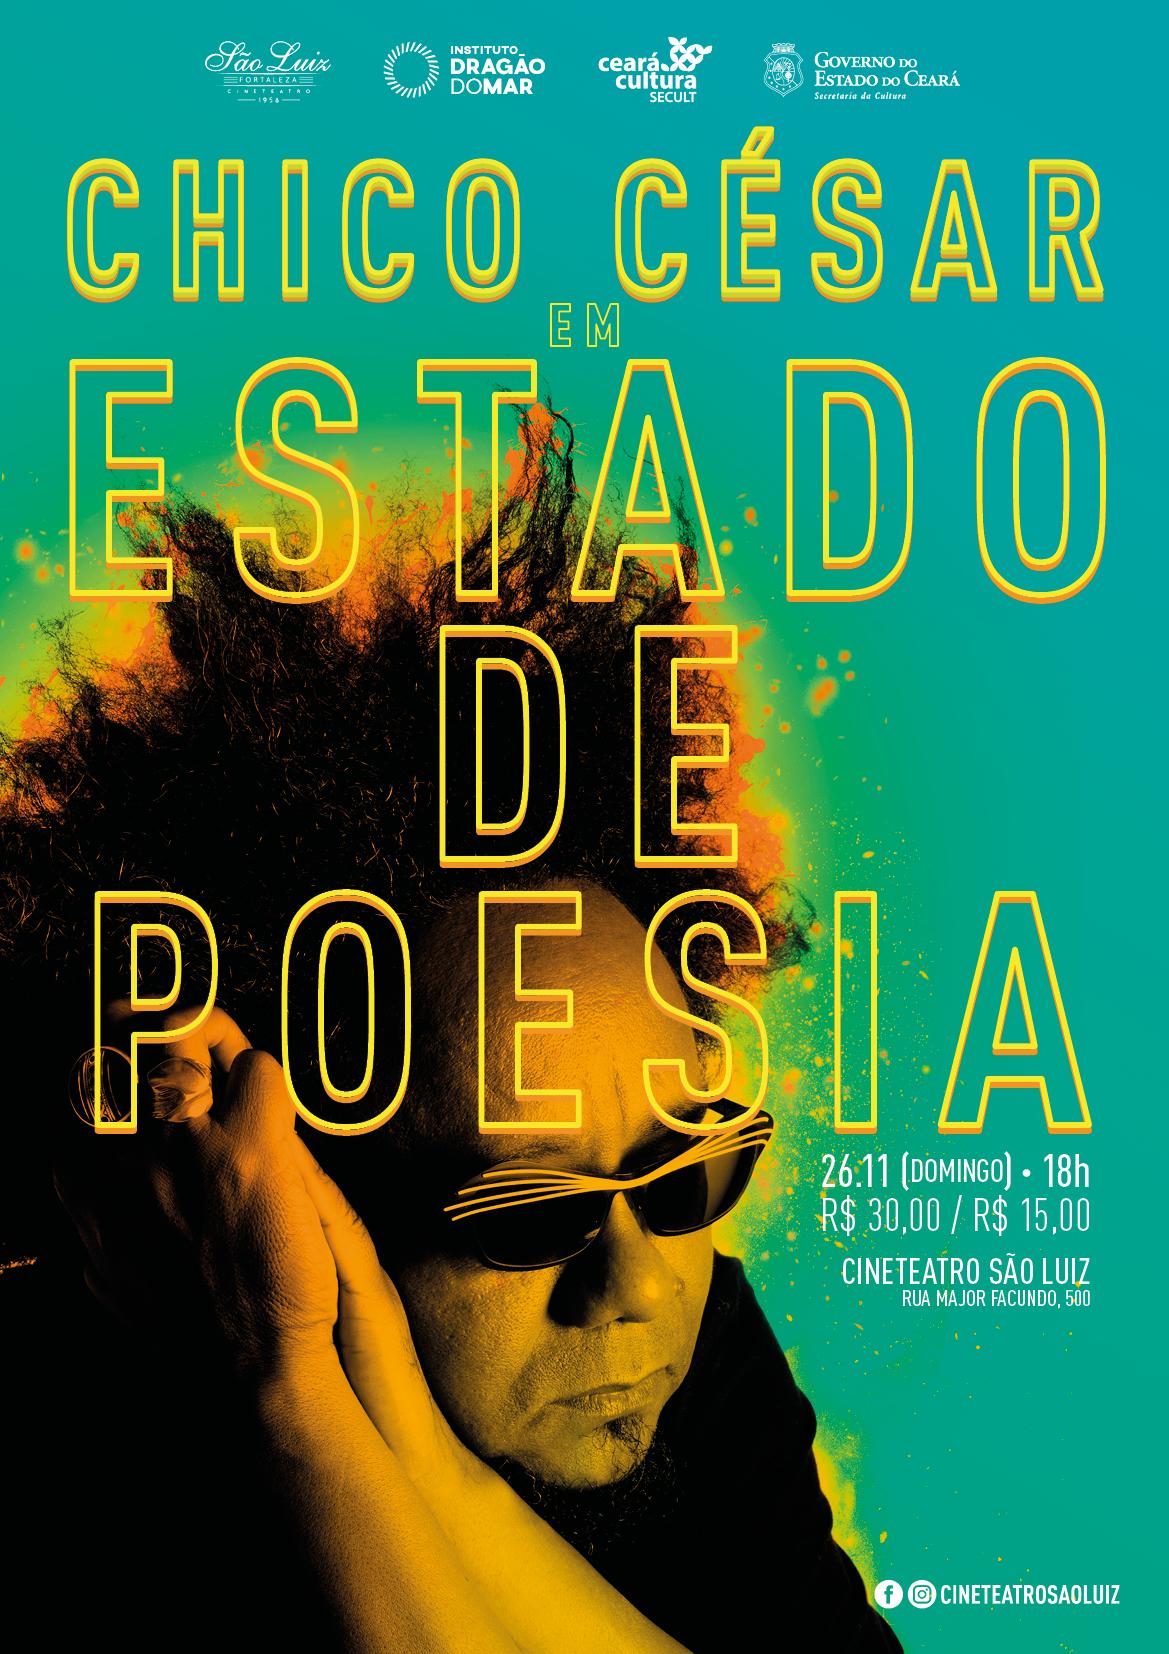 CSL - CHICO CESAR_conceitoprop